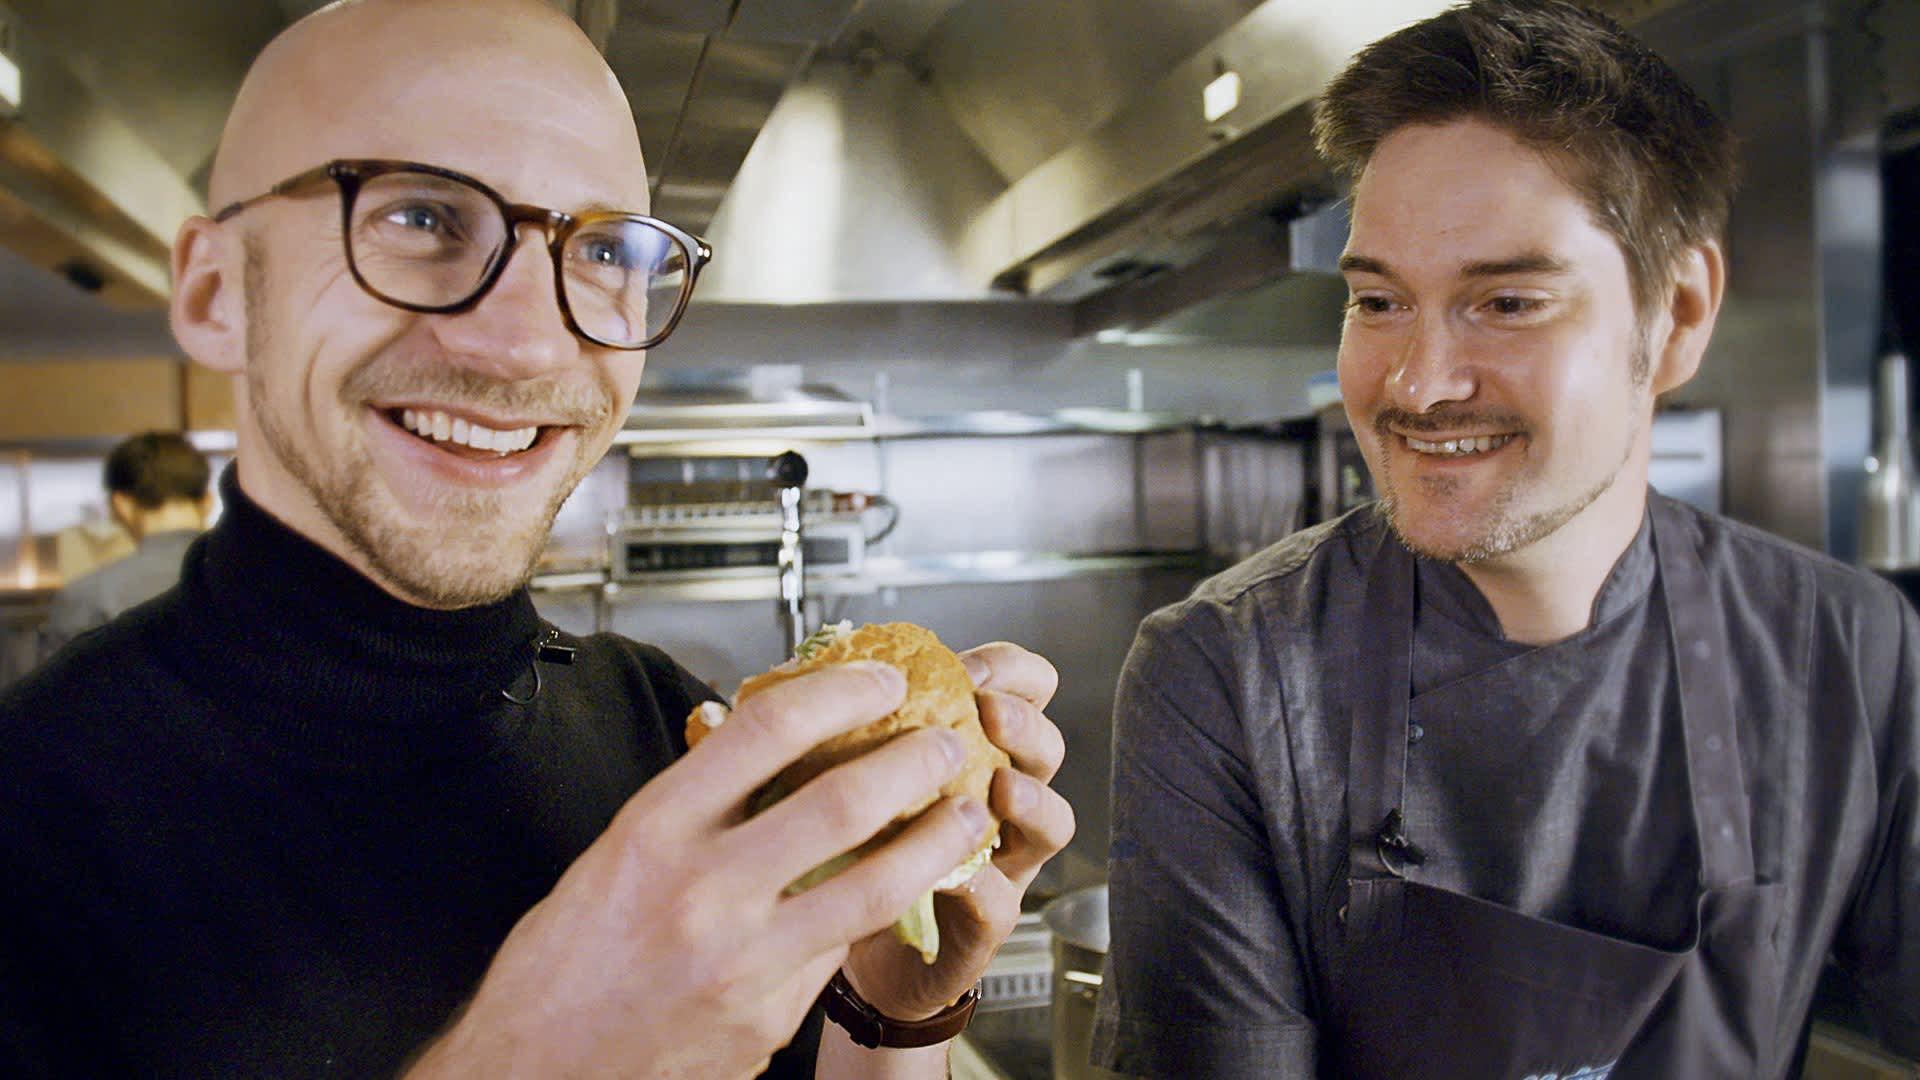 Ylen Voiko tätä syödä? -sarjassa huippukokki Henri Alén ja tiedenörtti Lauri Reuter kiertävät maailmaa ja selvittävät, mitä lautasella on tulevaisuudessa.